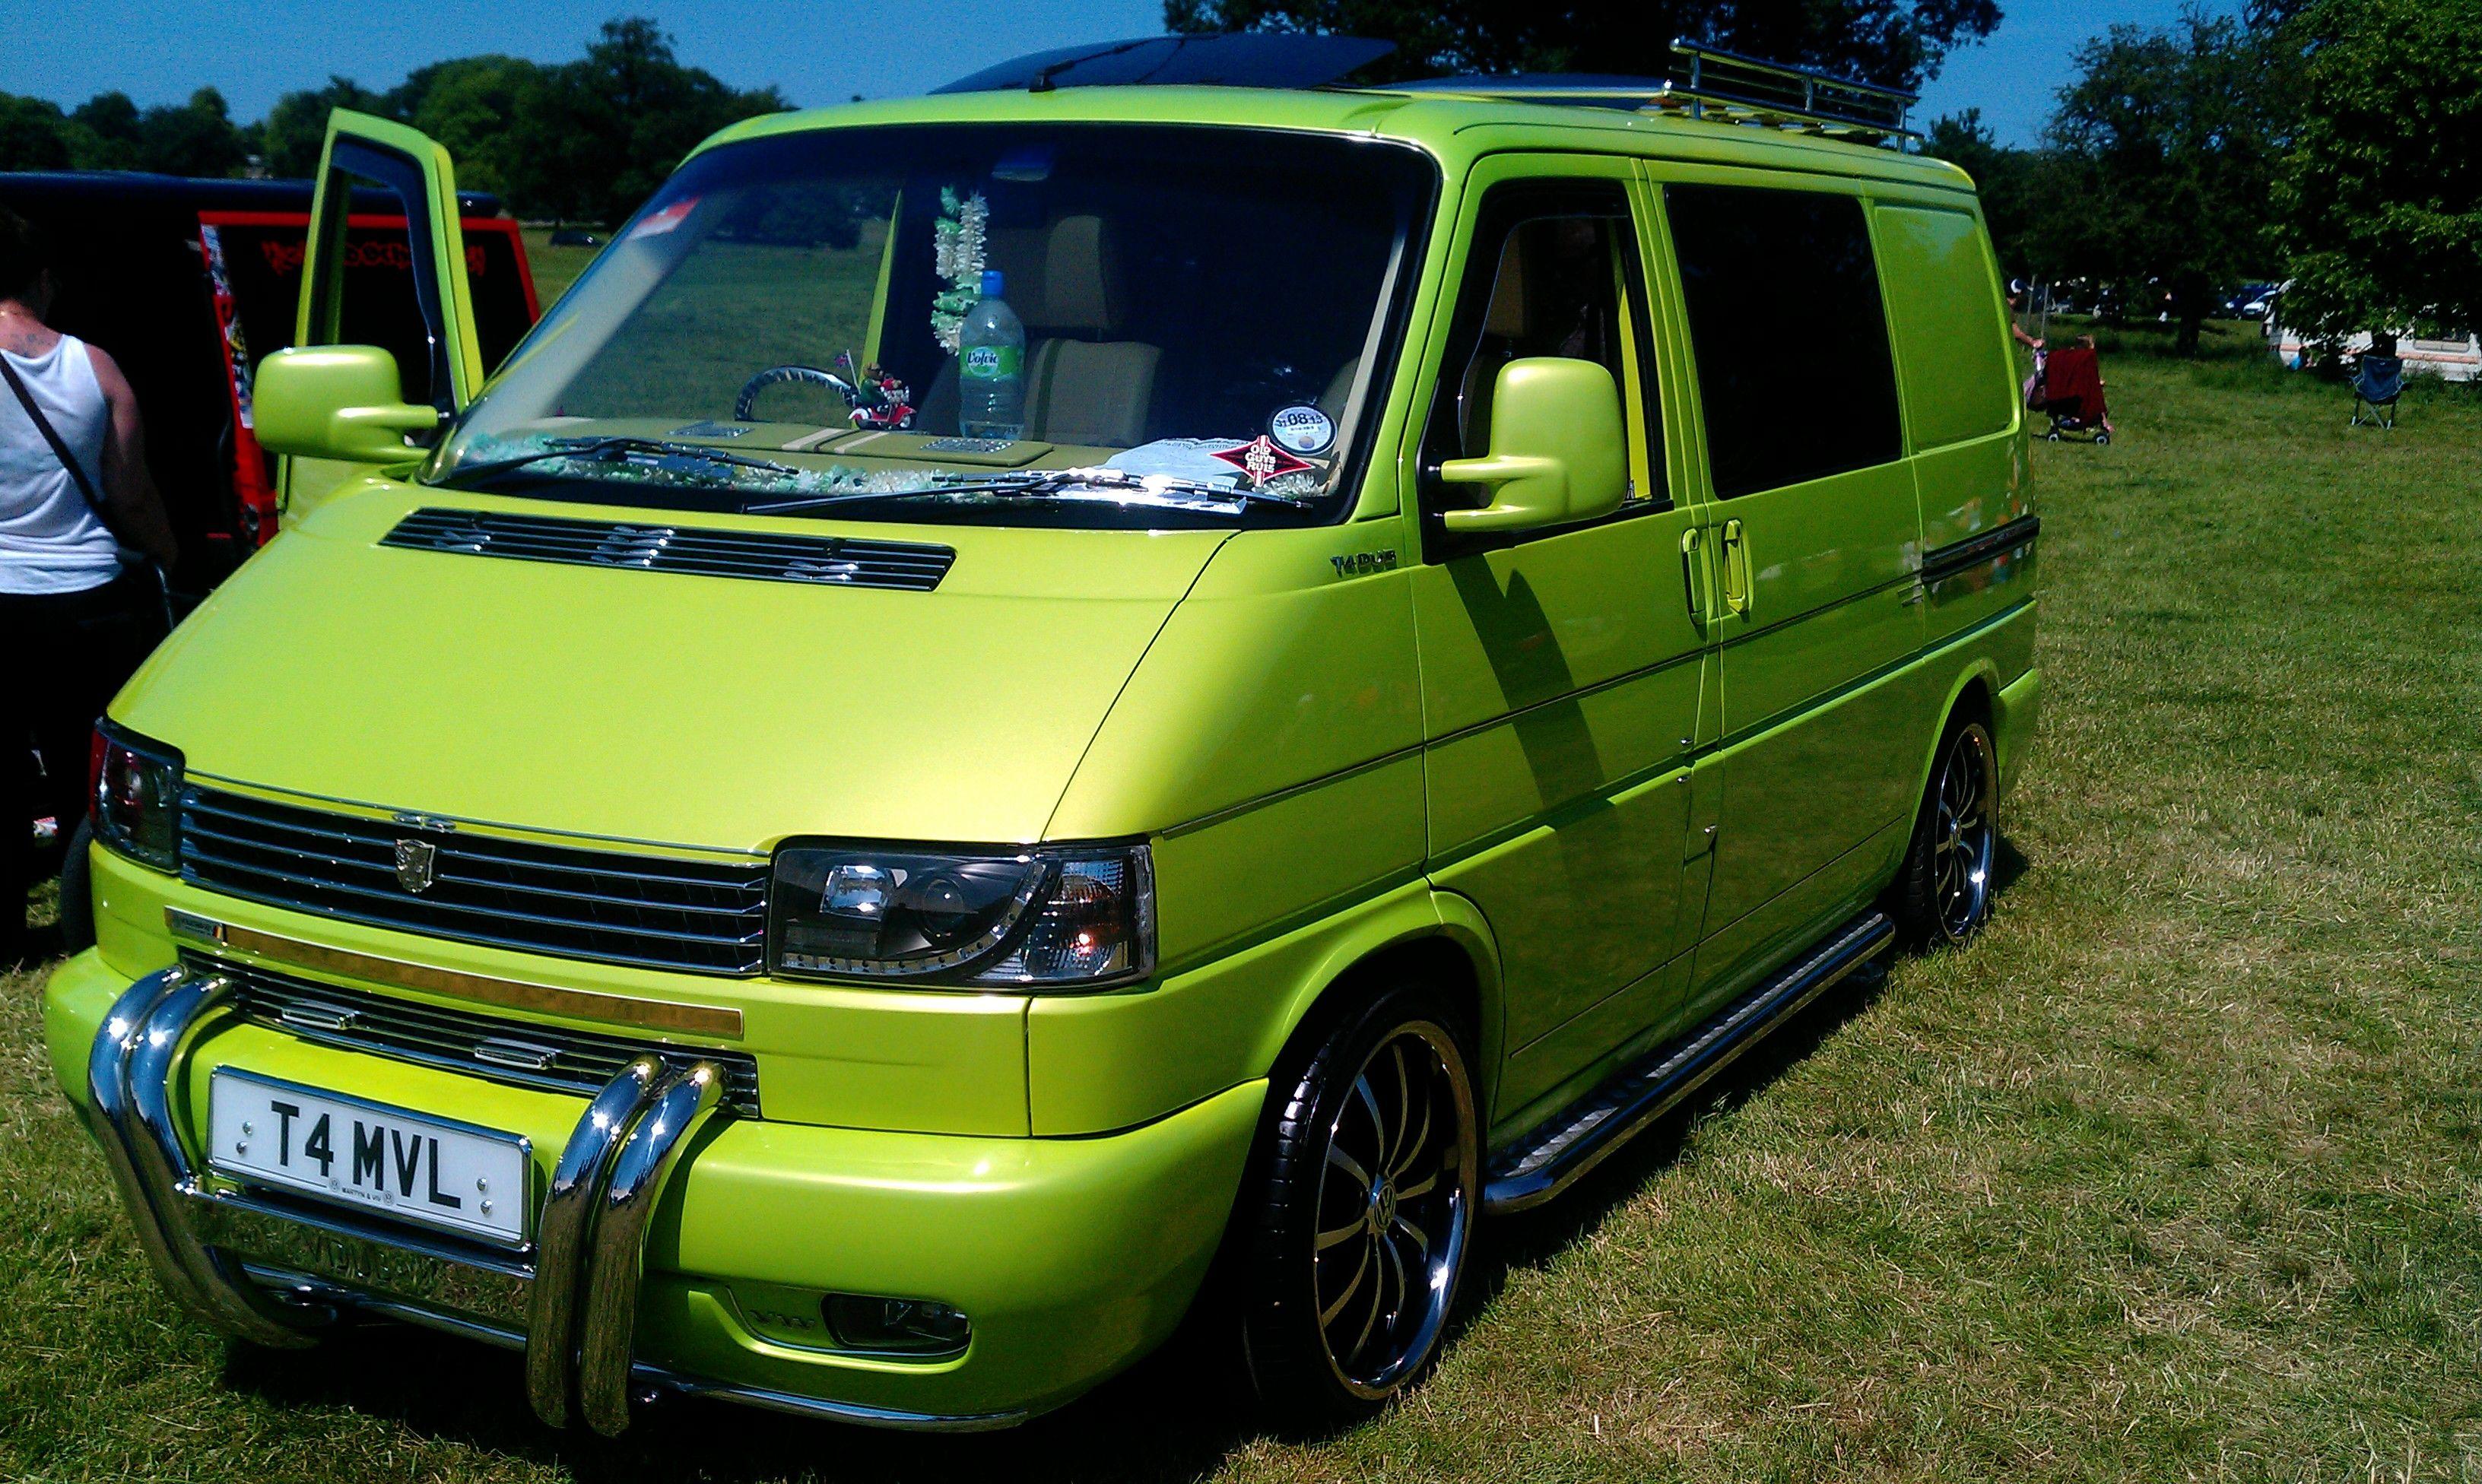 VW T4 At Camperjam Stunning Green Colour Vw Campervan